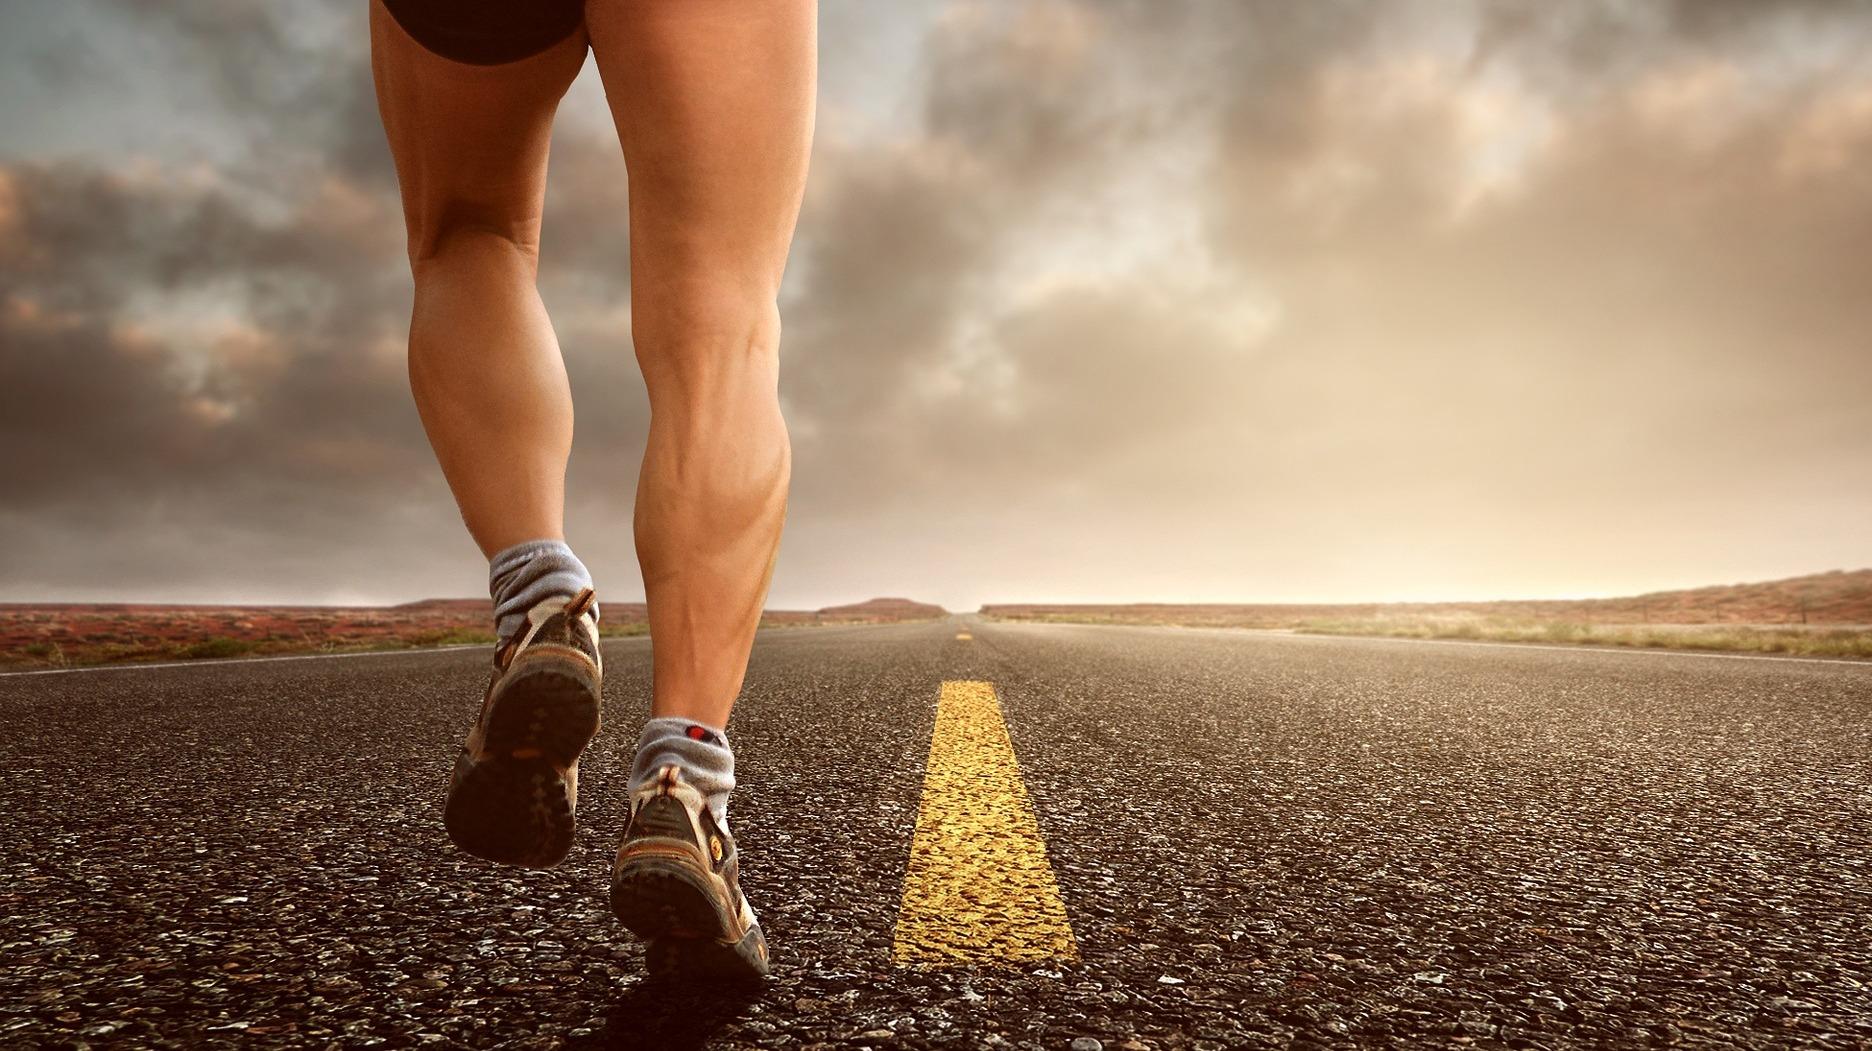 1時間でしっかり痩せる走り方「10・5ジョギング」が効果的!